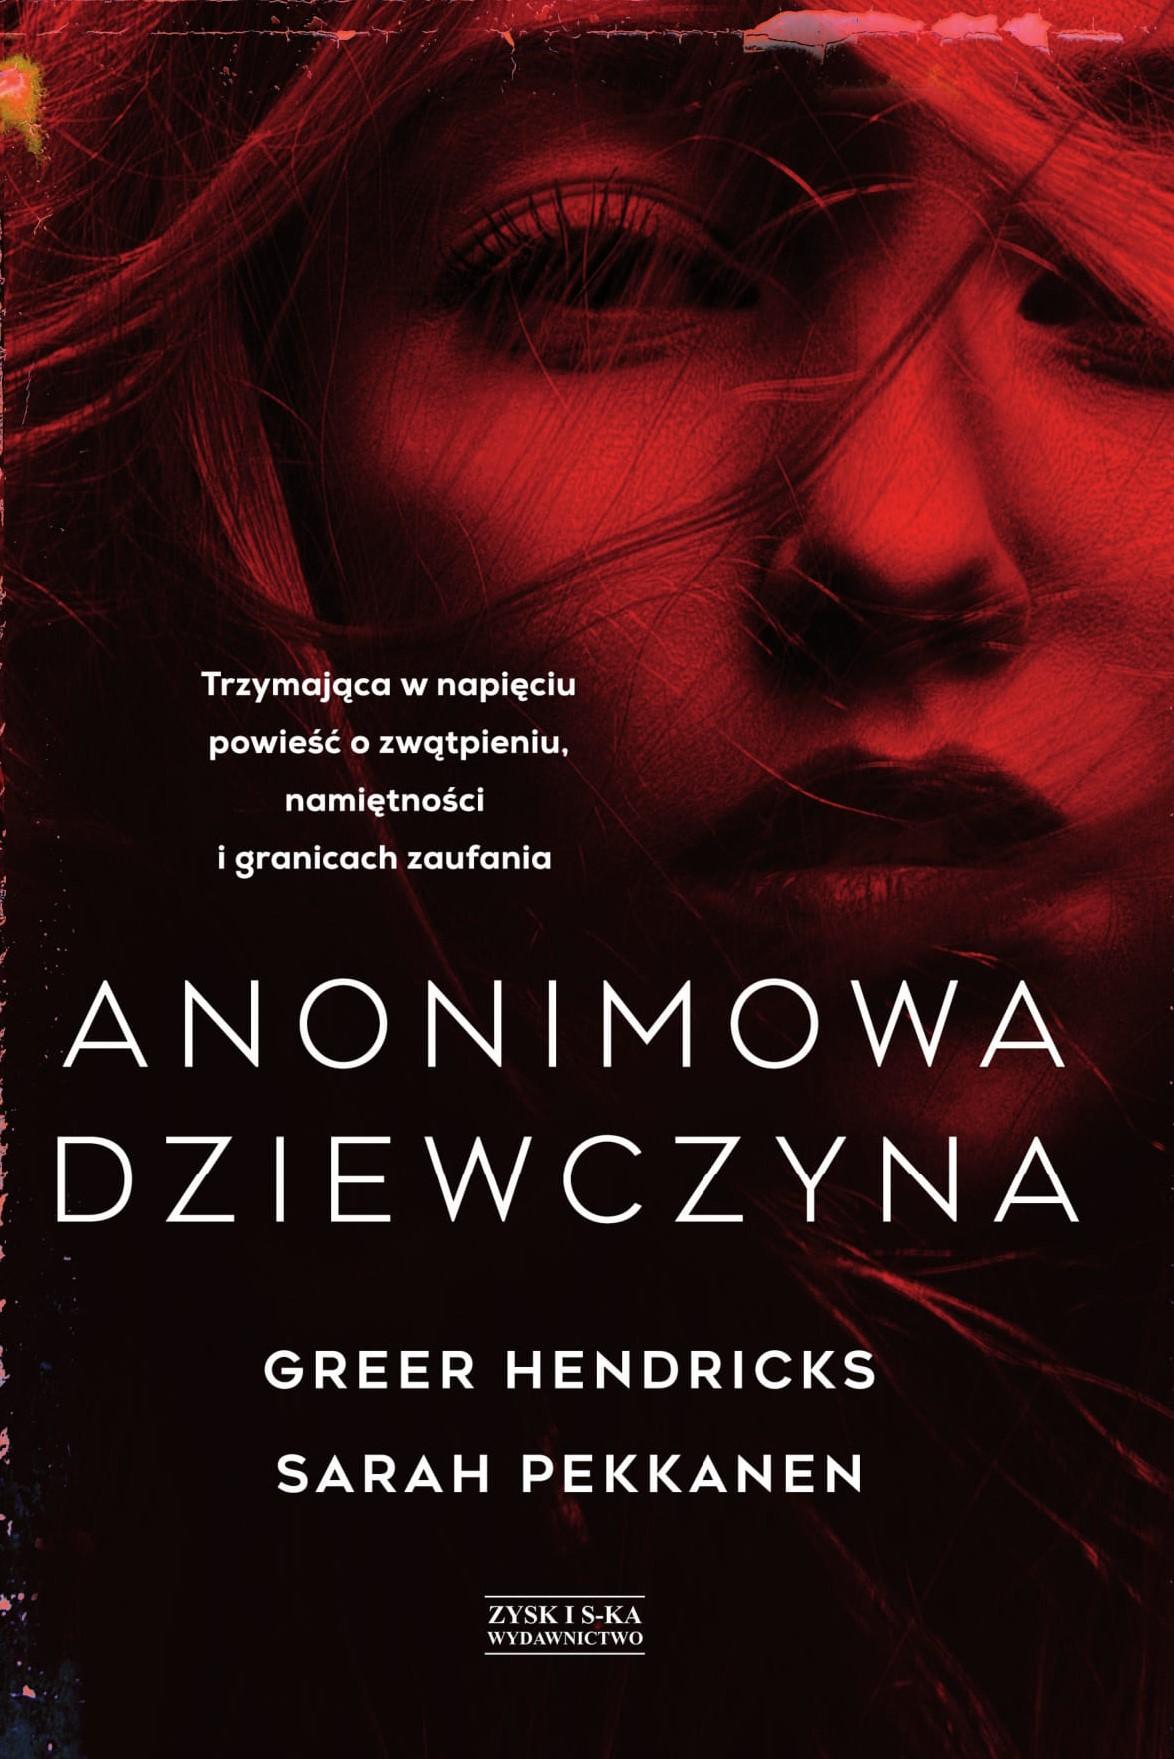 Anonimowa dziewczyna Sarah Pekkanen i Greer Hendricks